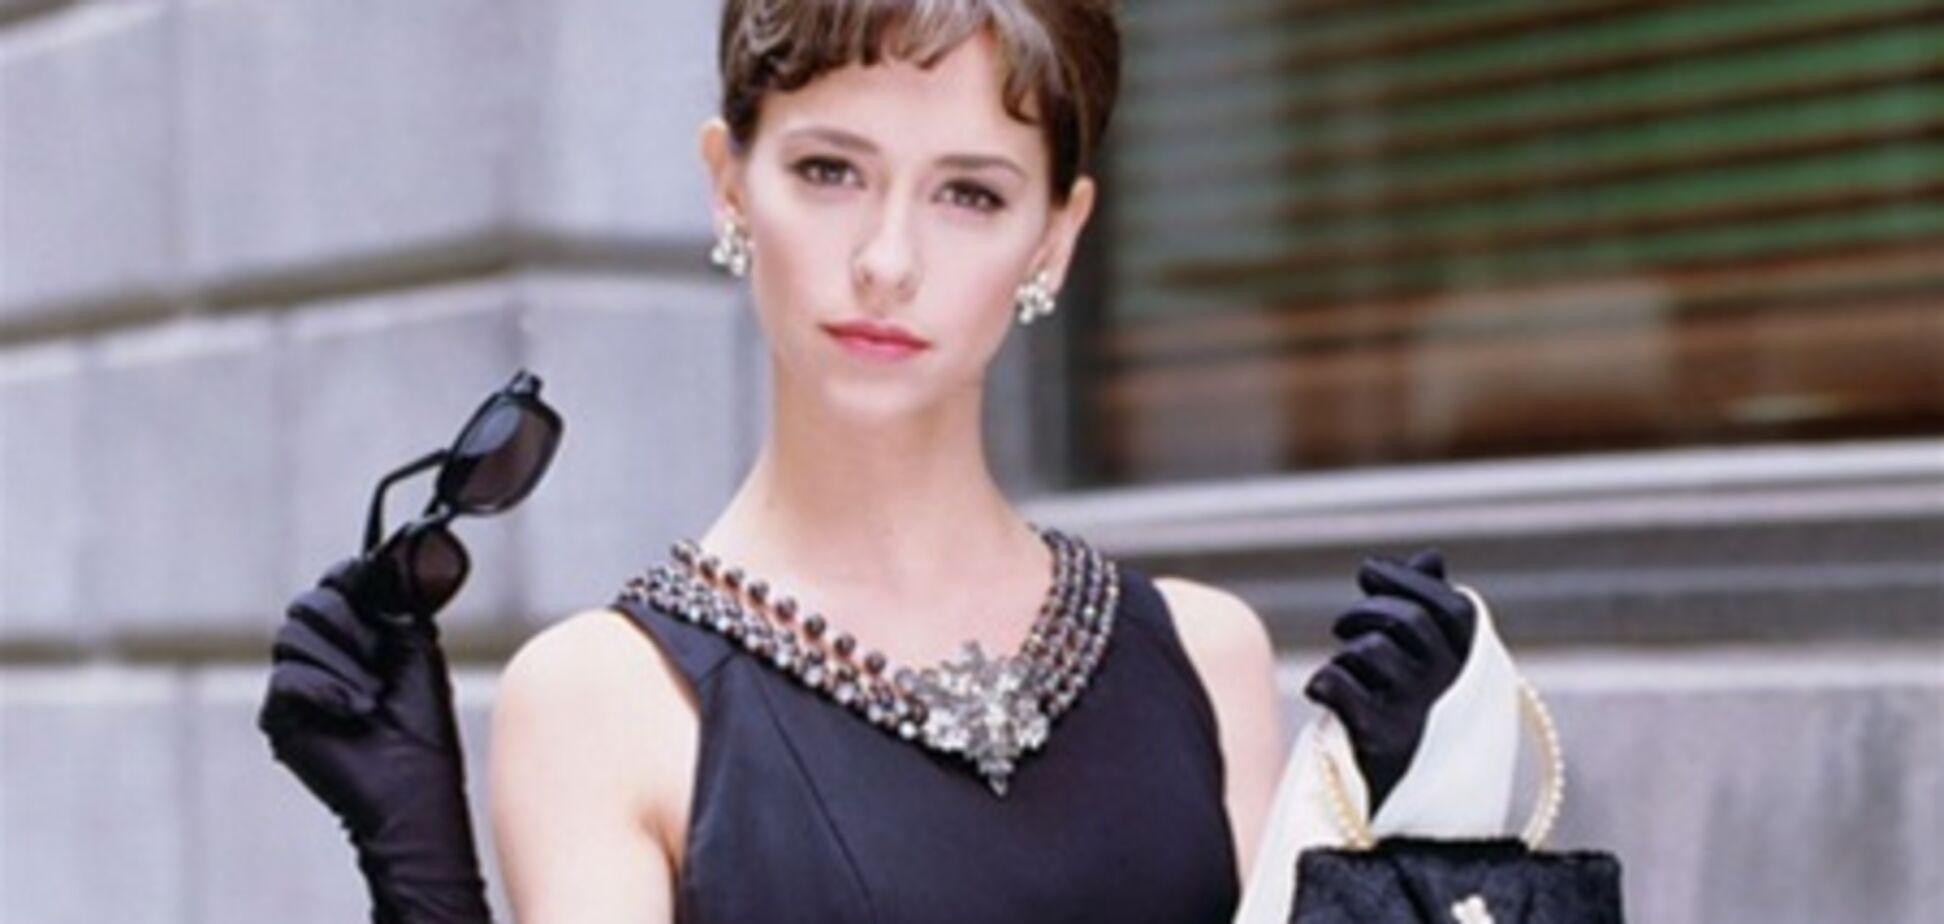 Дженнифер Лав Хьюитт в образе Одри Хепберн